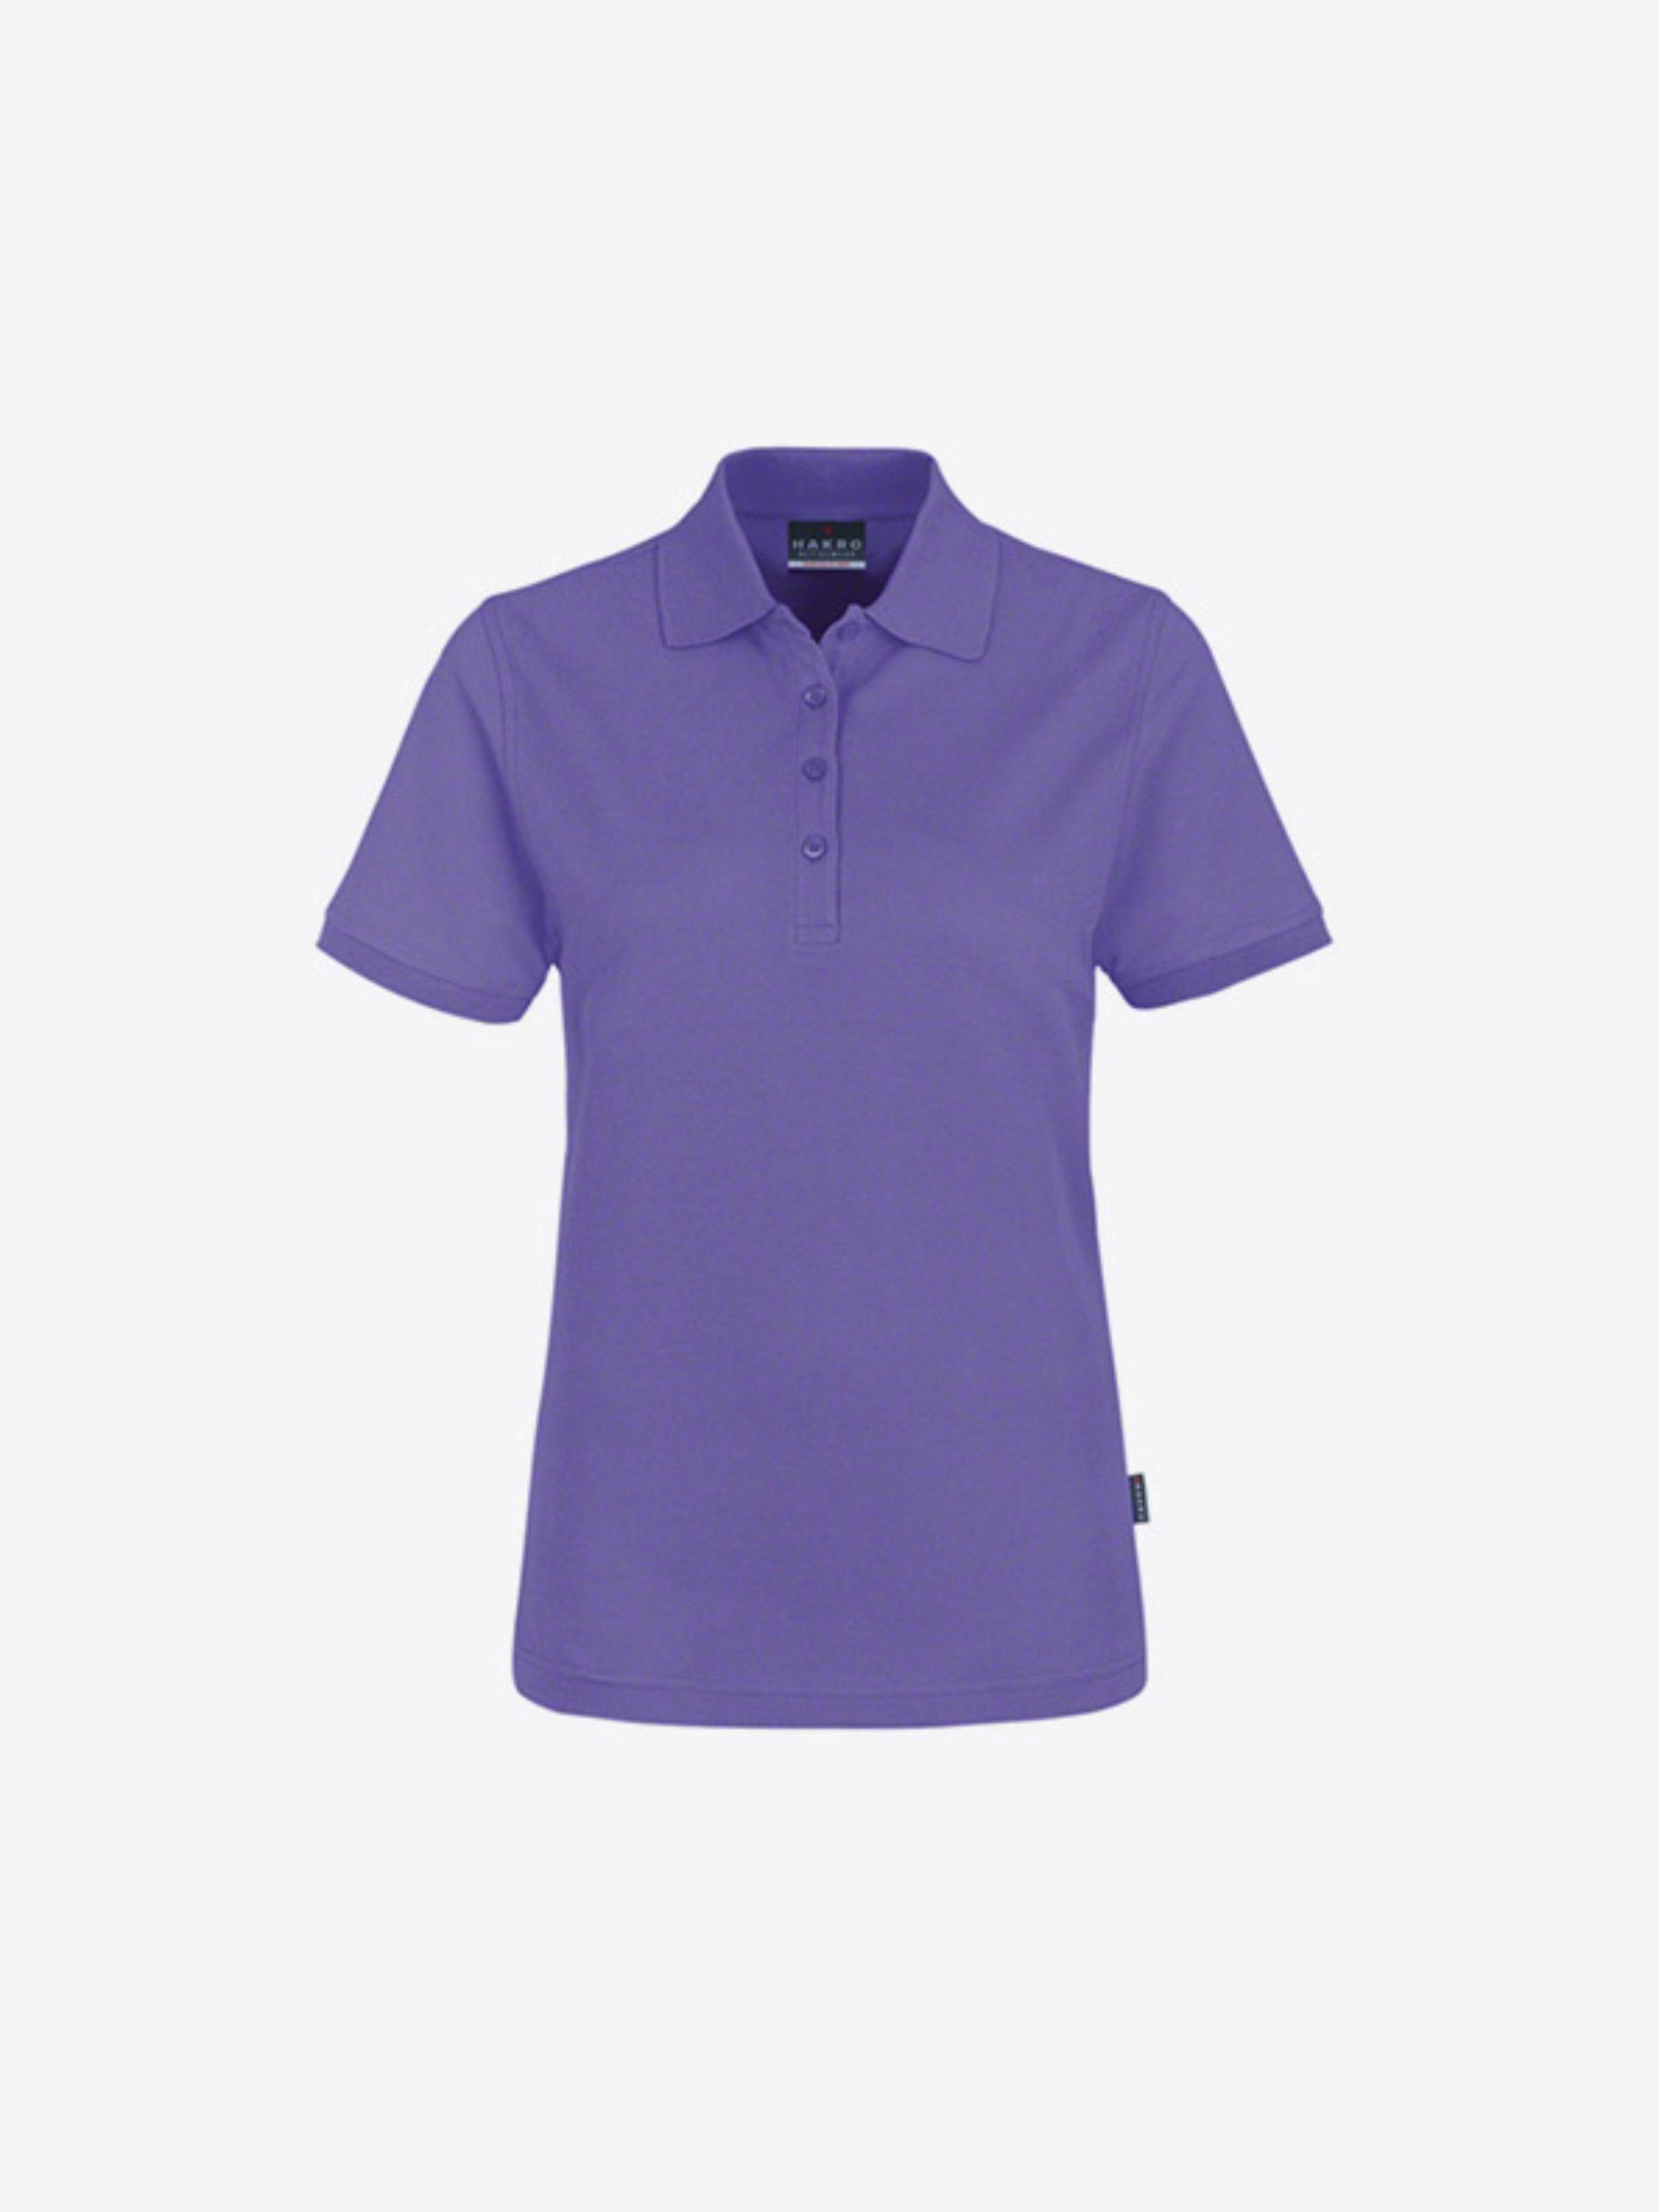 Damen Polo Shirt Besticken Hakro 110 Lavendel